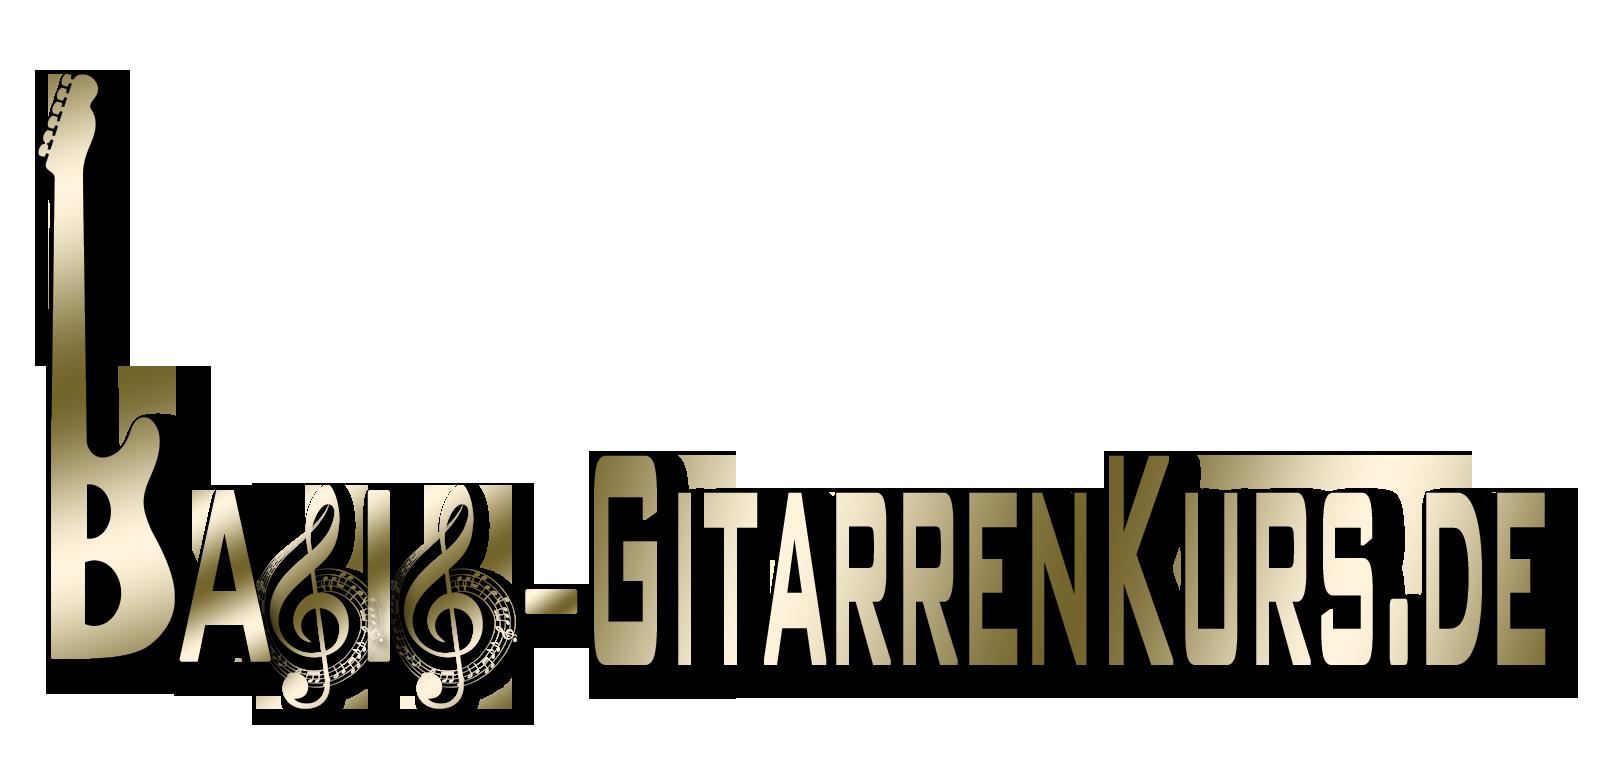 Basis-Gitarrenkurs.de-final